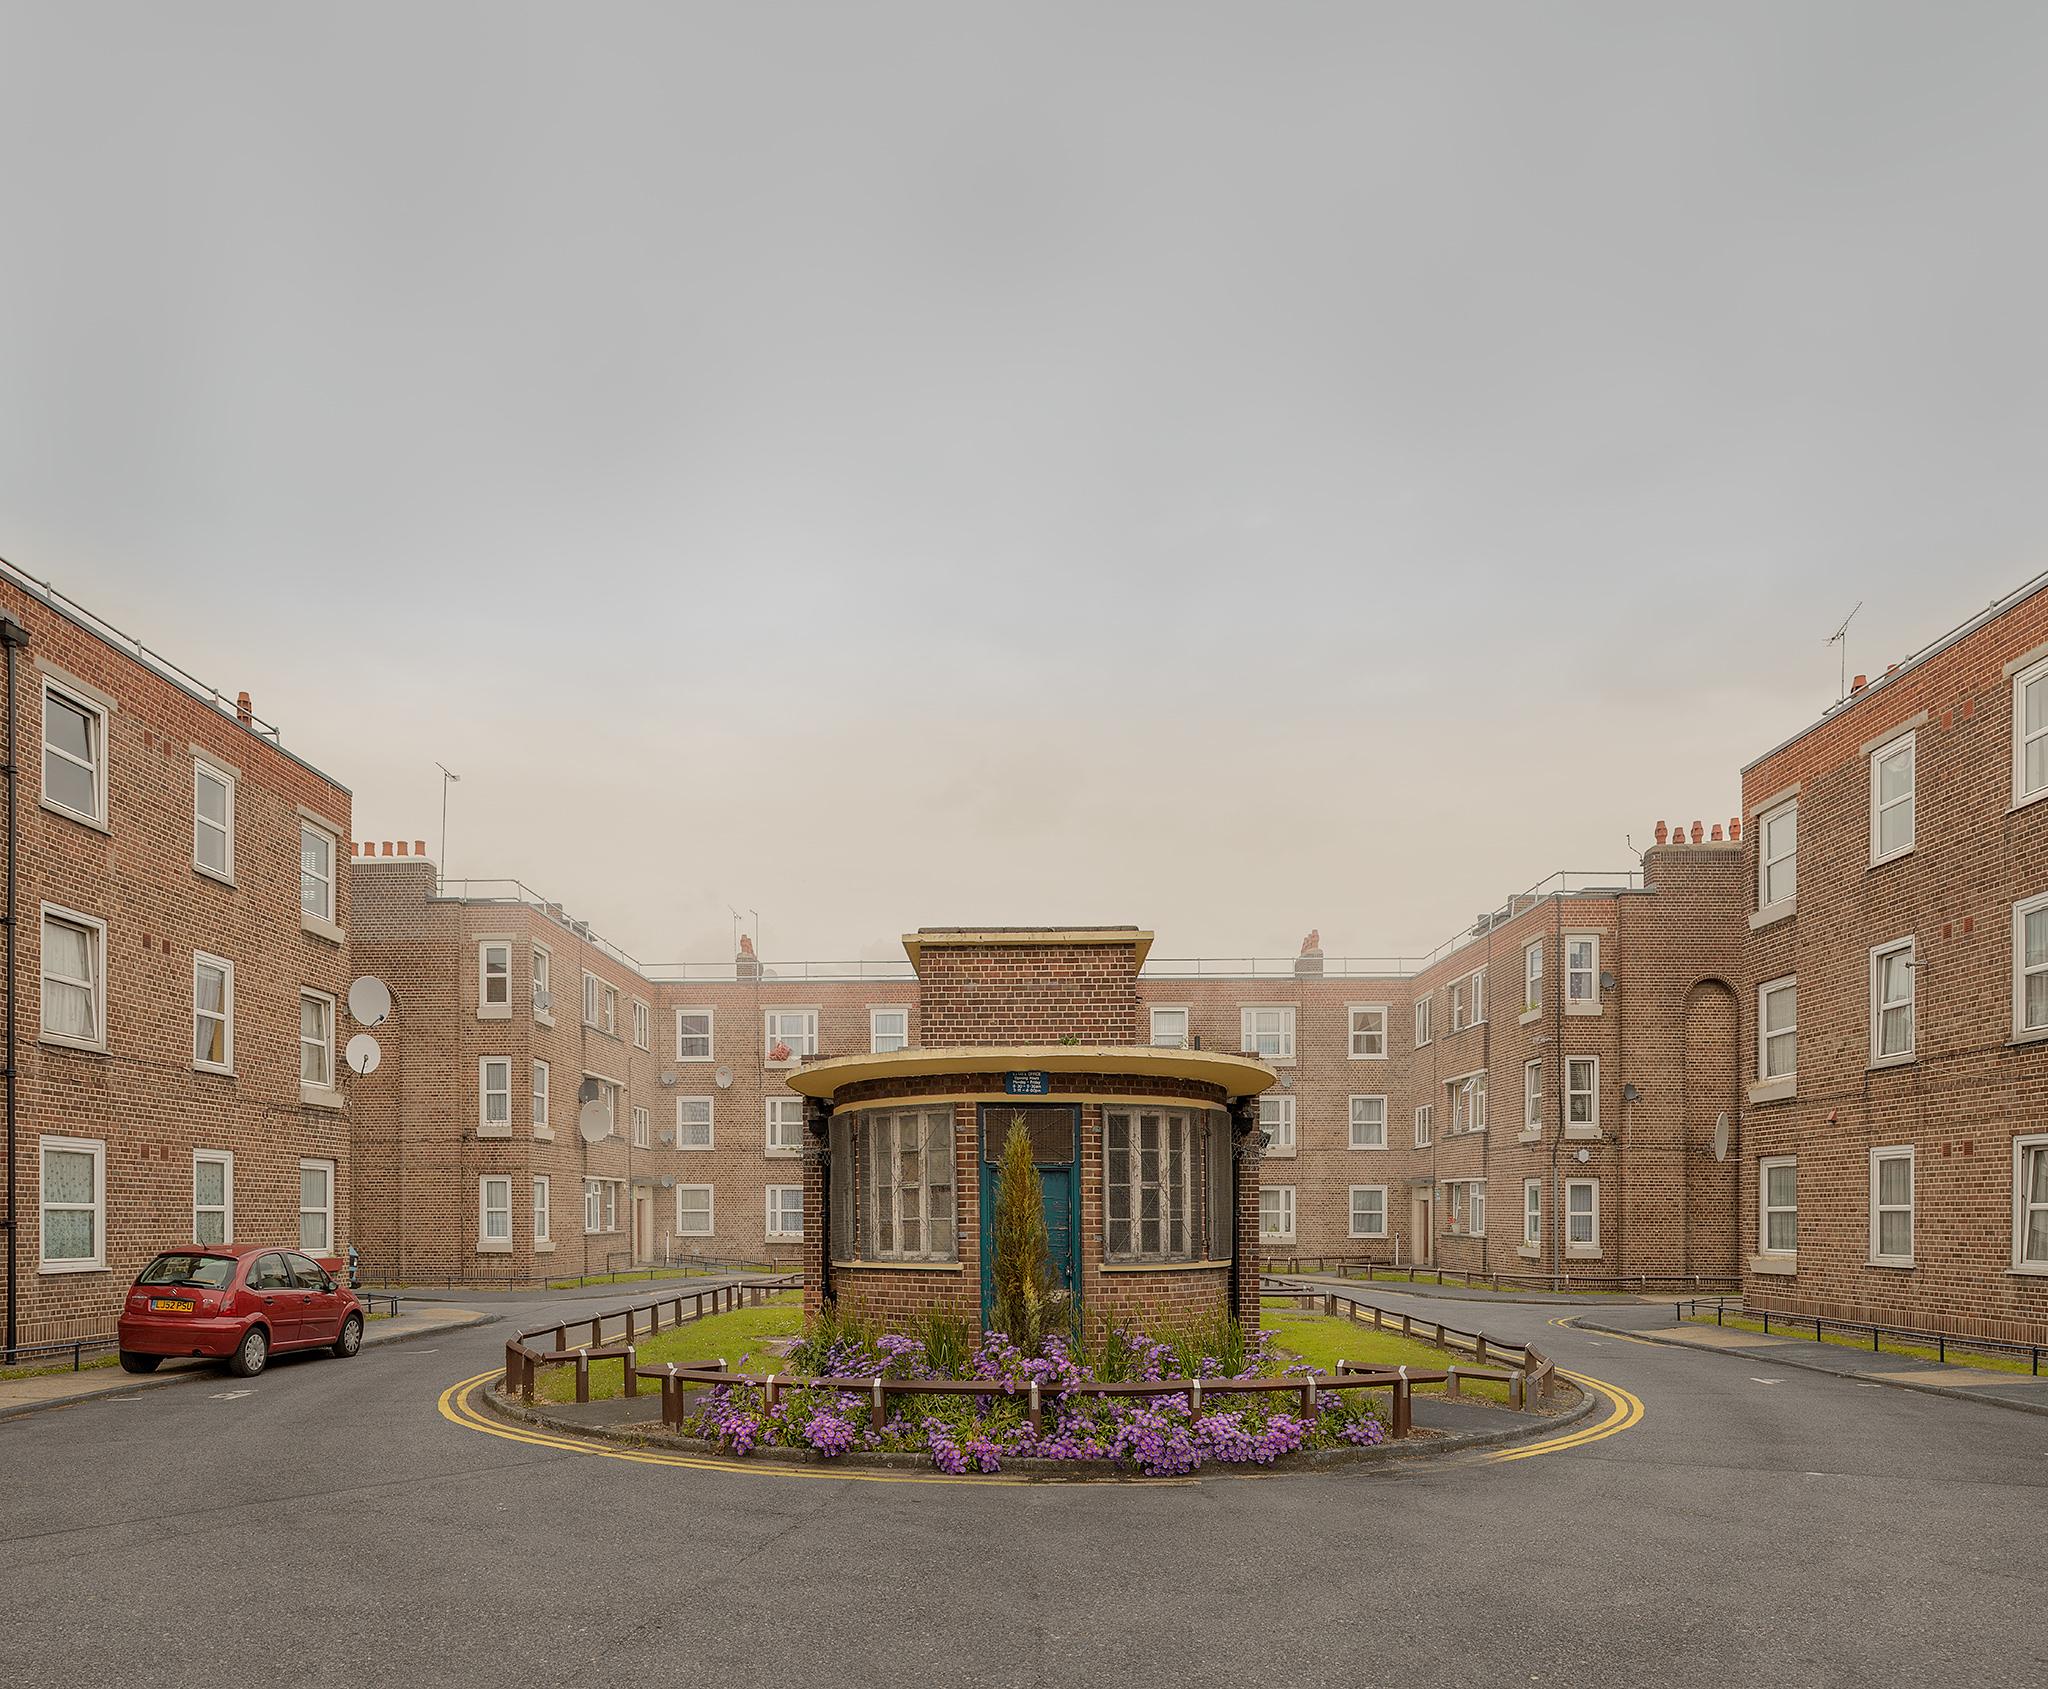 mapledene-estate-2009-redo.jpg